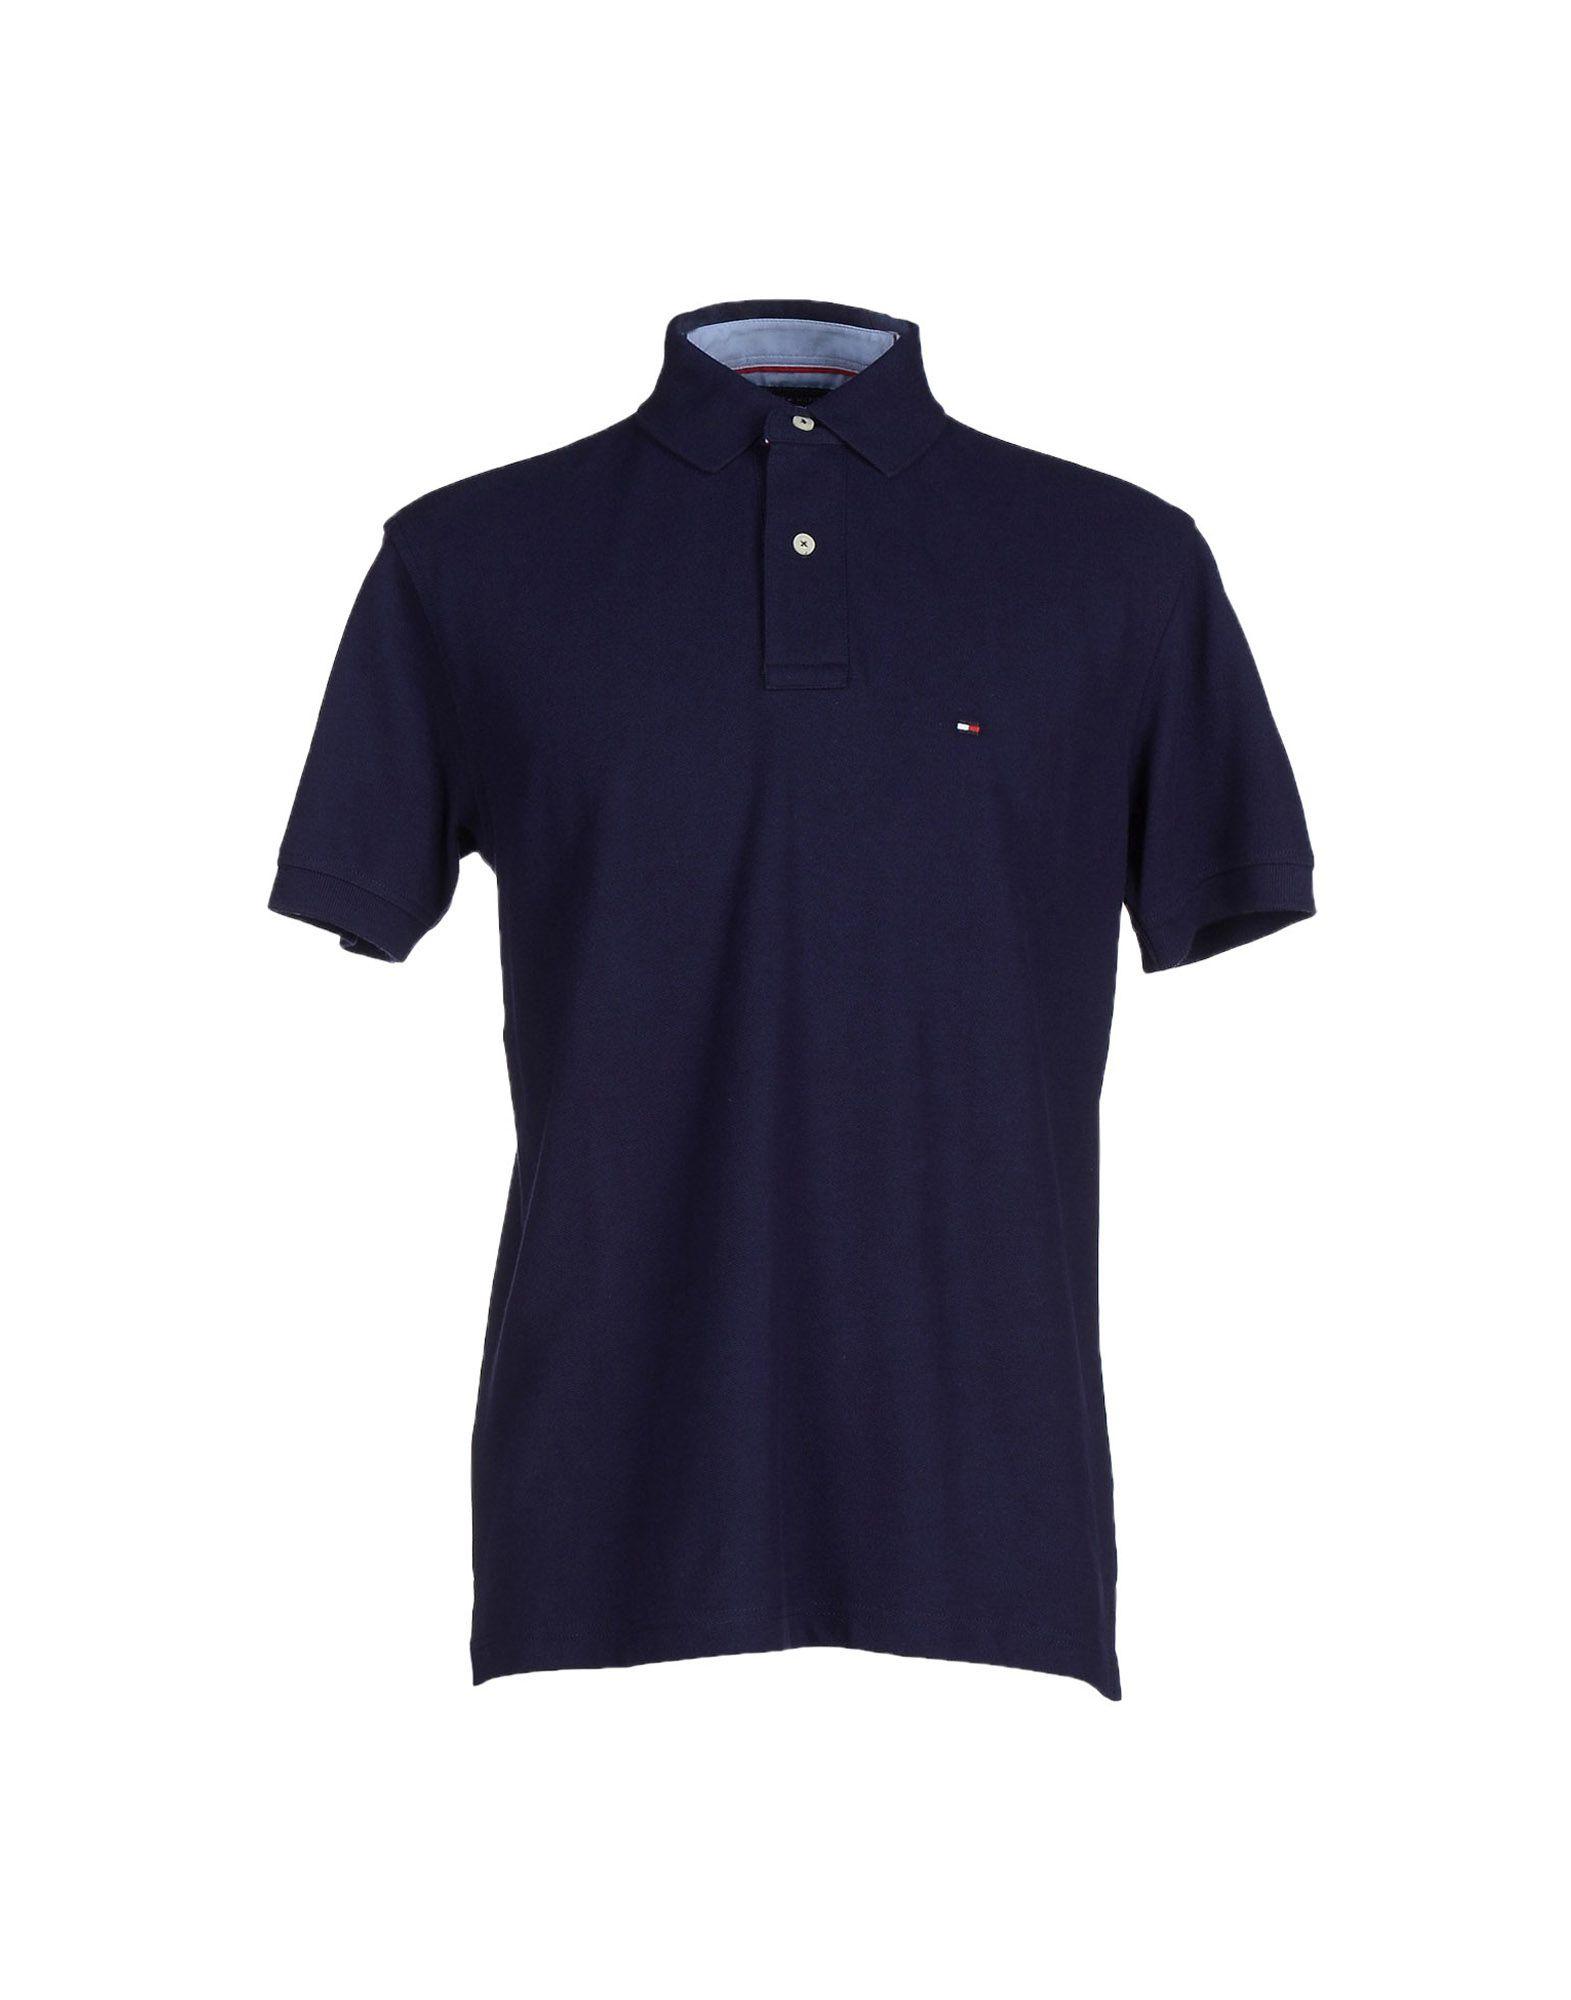 tommy hilfiger polo shirt in blue for men lyst. Black Bedroom Furniture Sets. Home Design Ideas